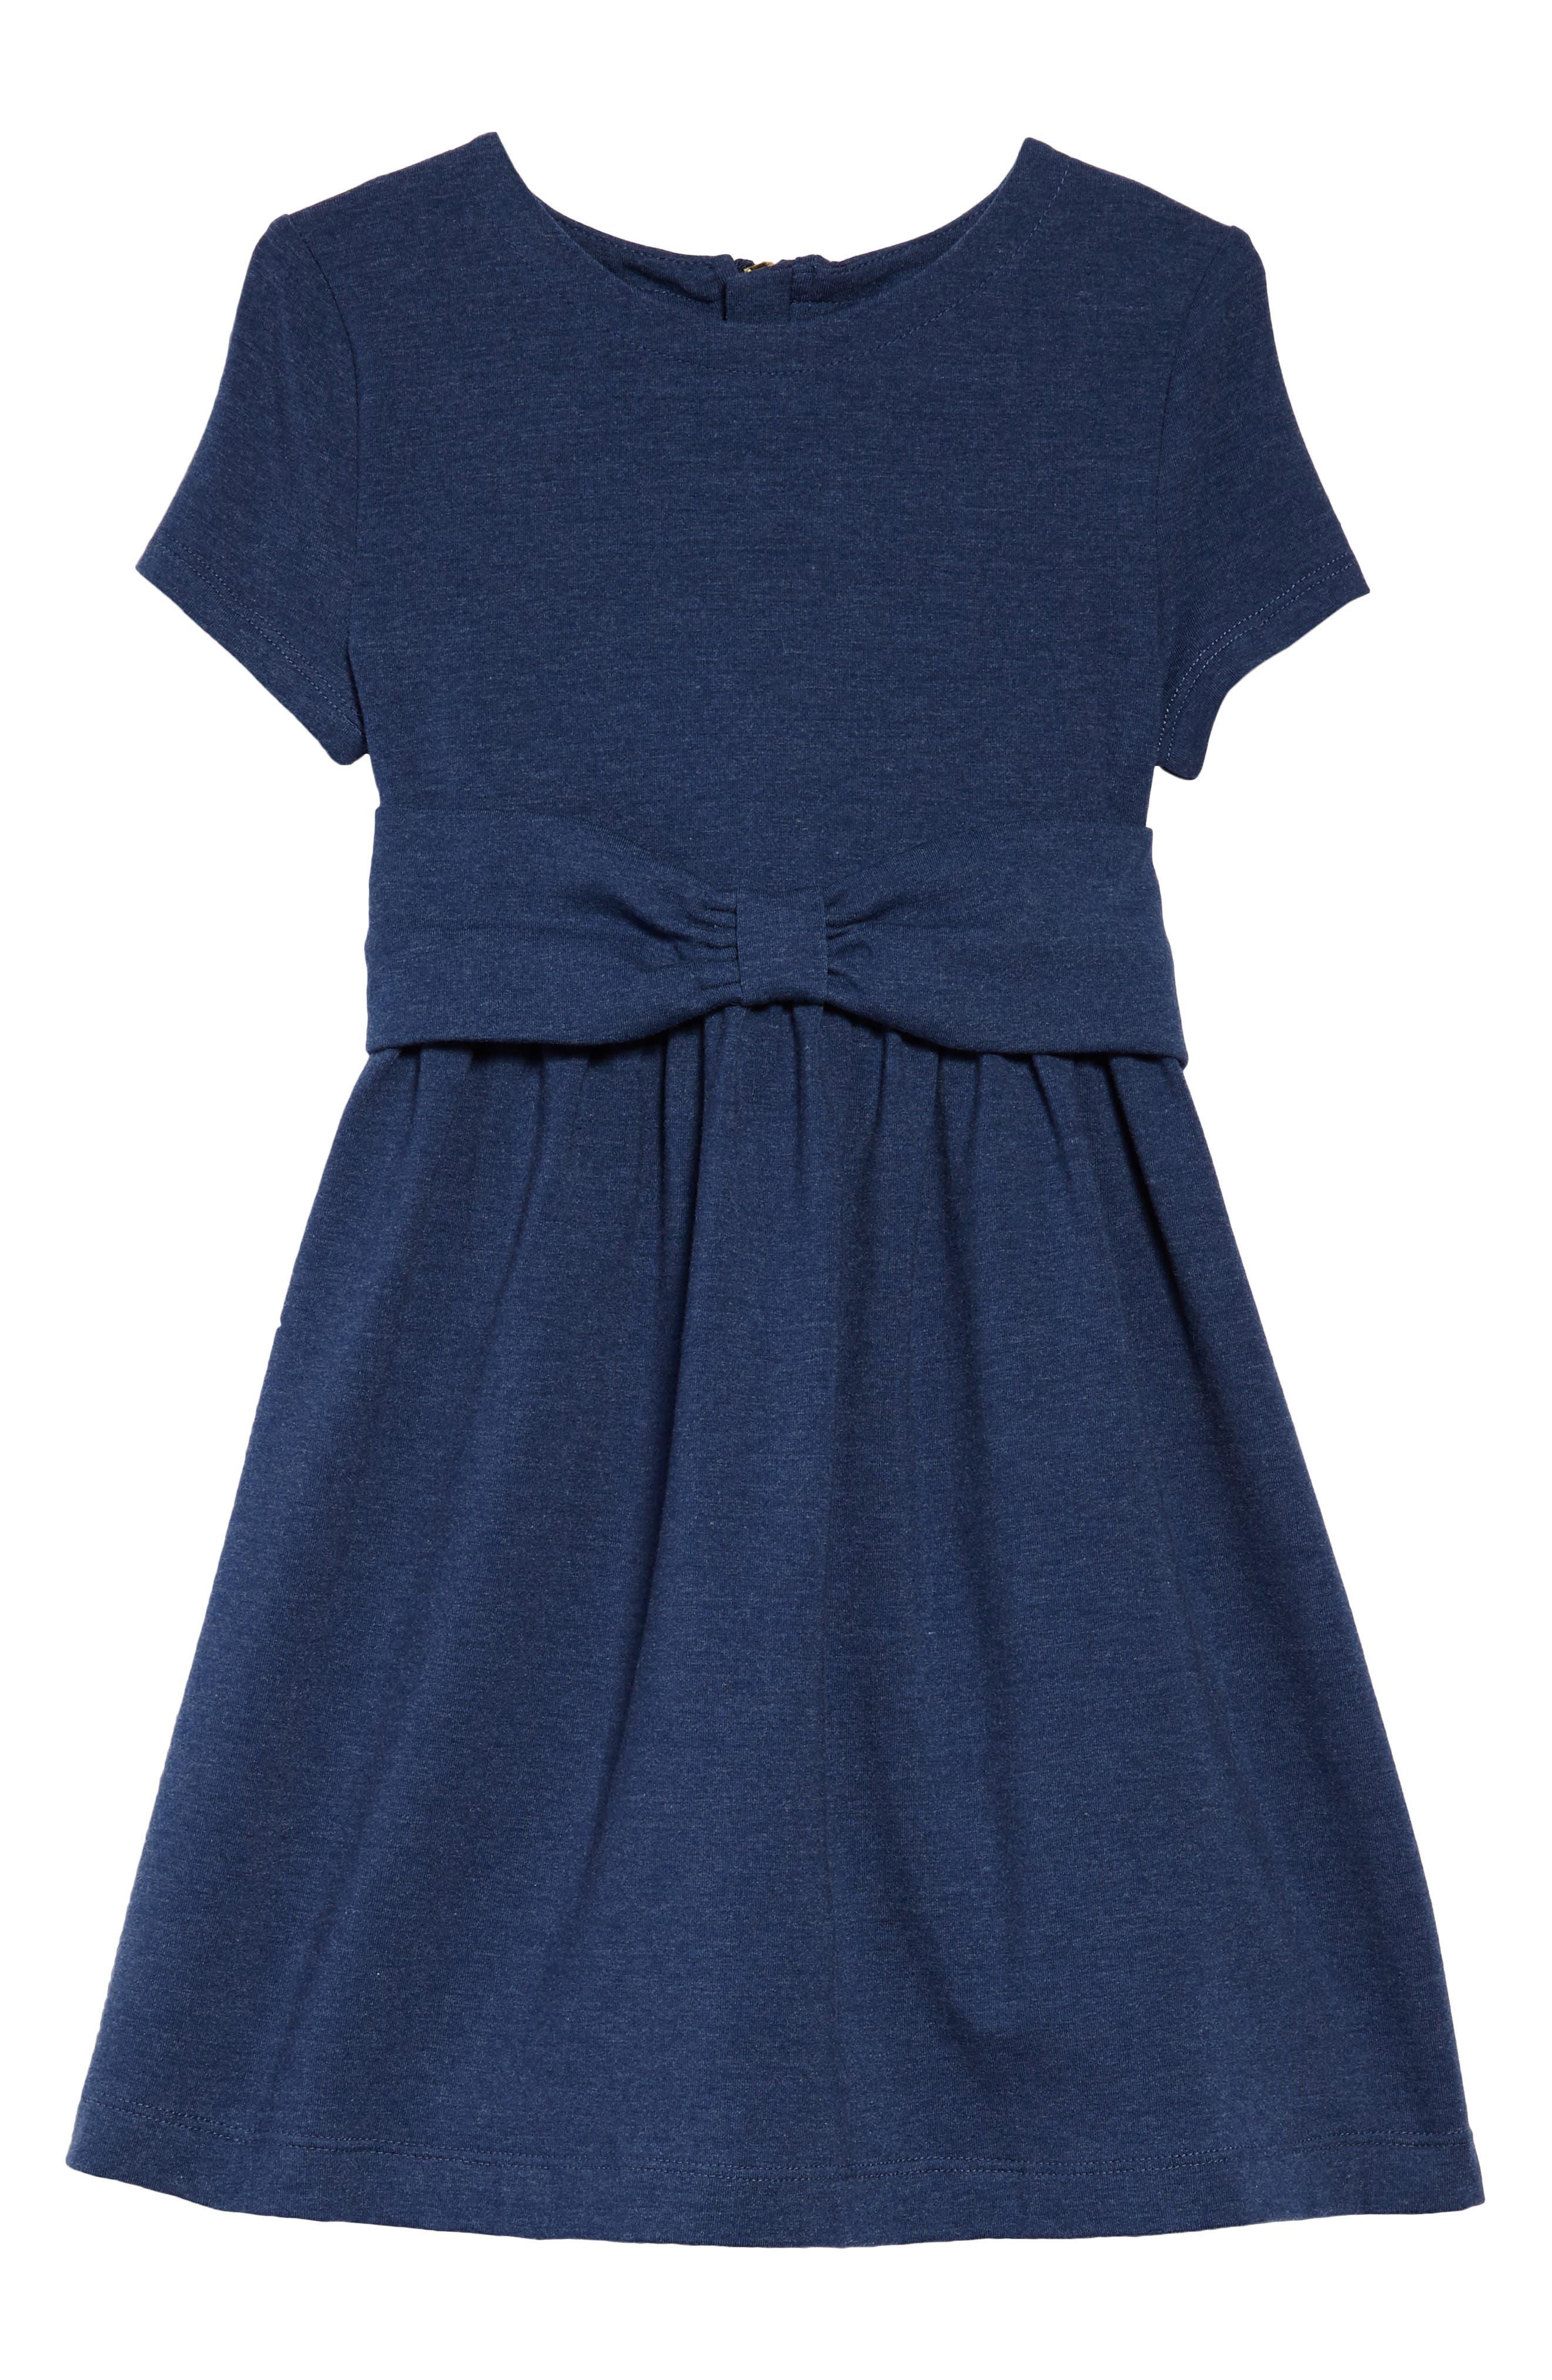 kate spade new york kammy dress (Toddler Girls & Little Girls)